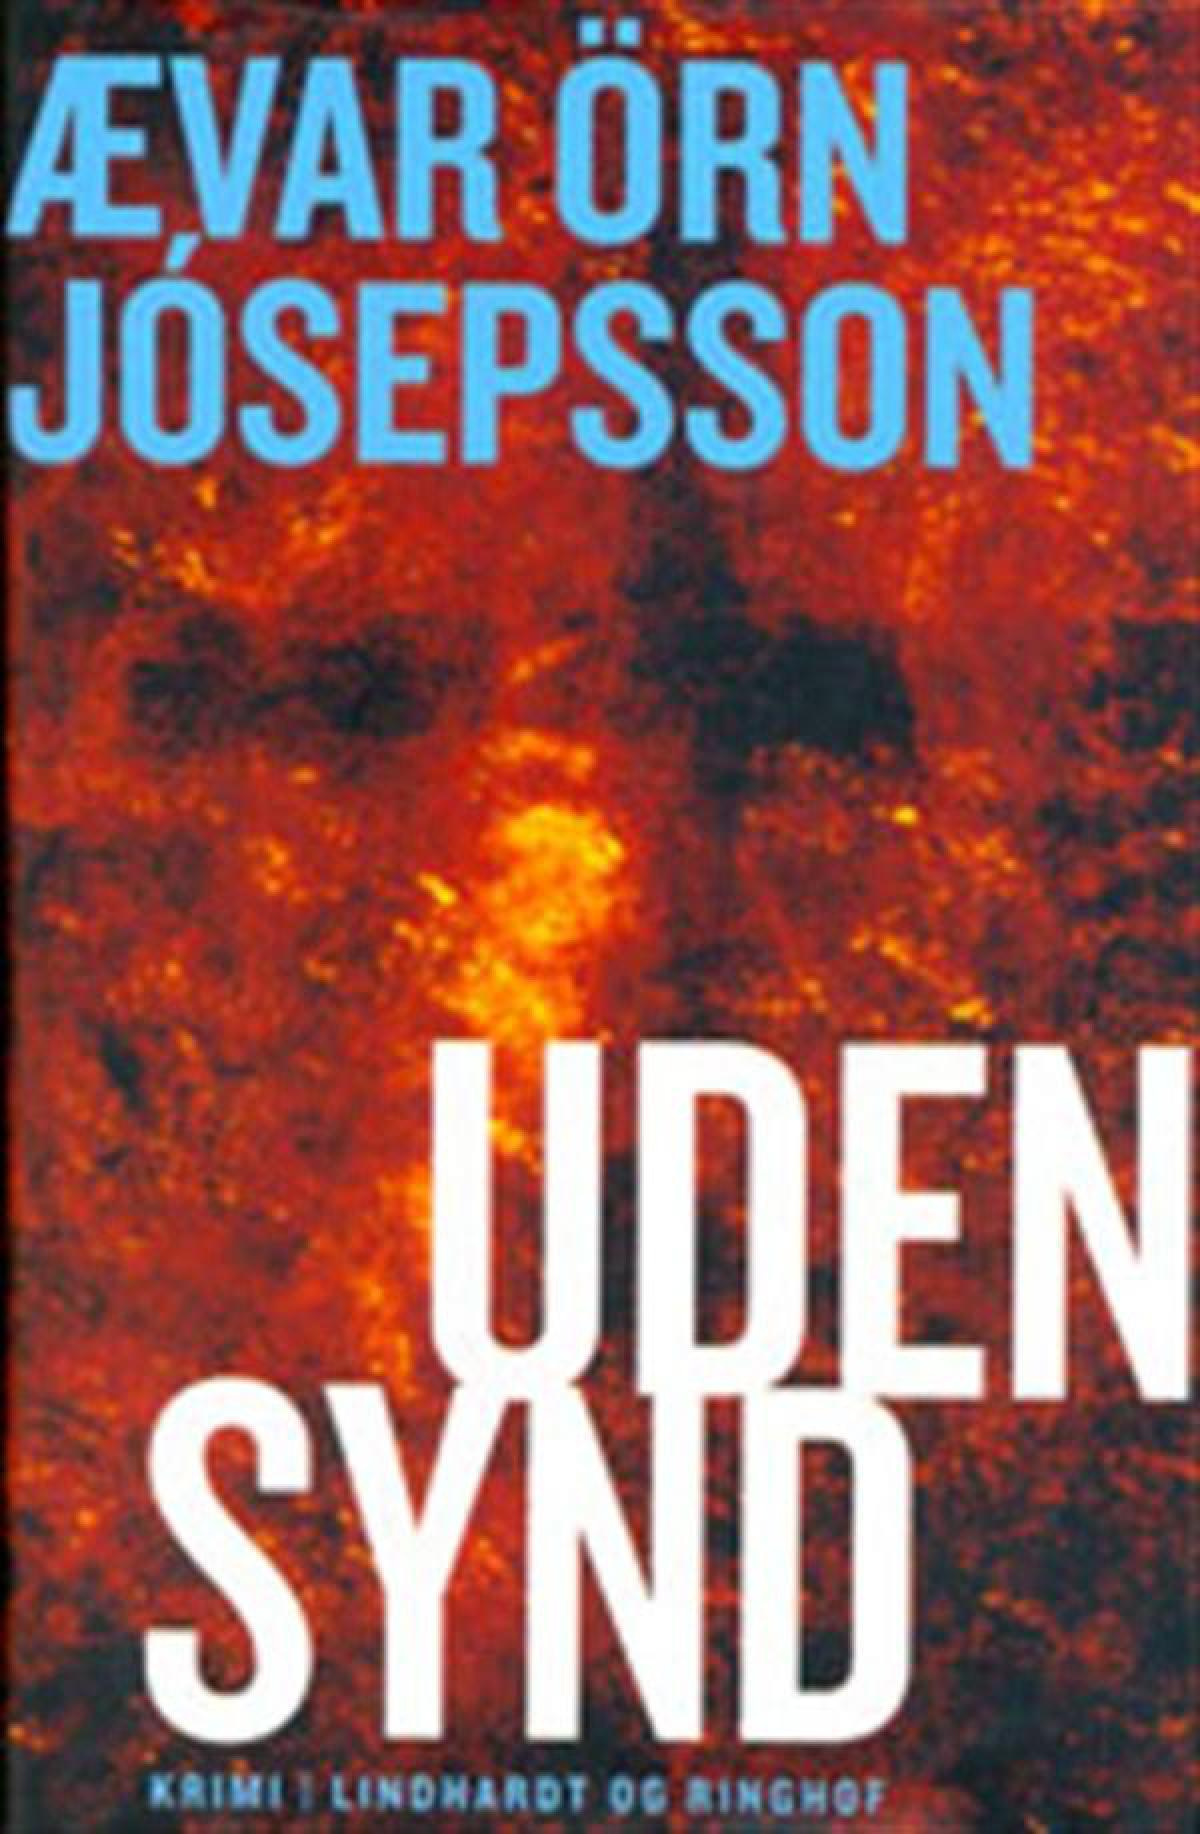 Uden Synd Ævar Örn Jósepsson